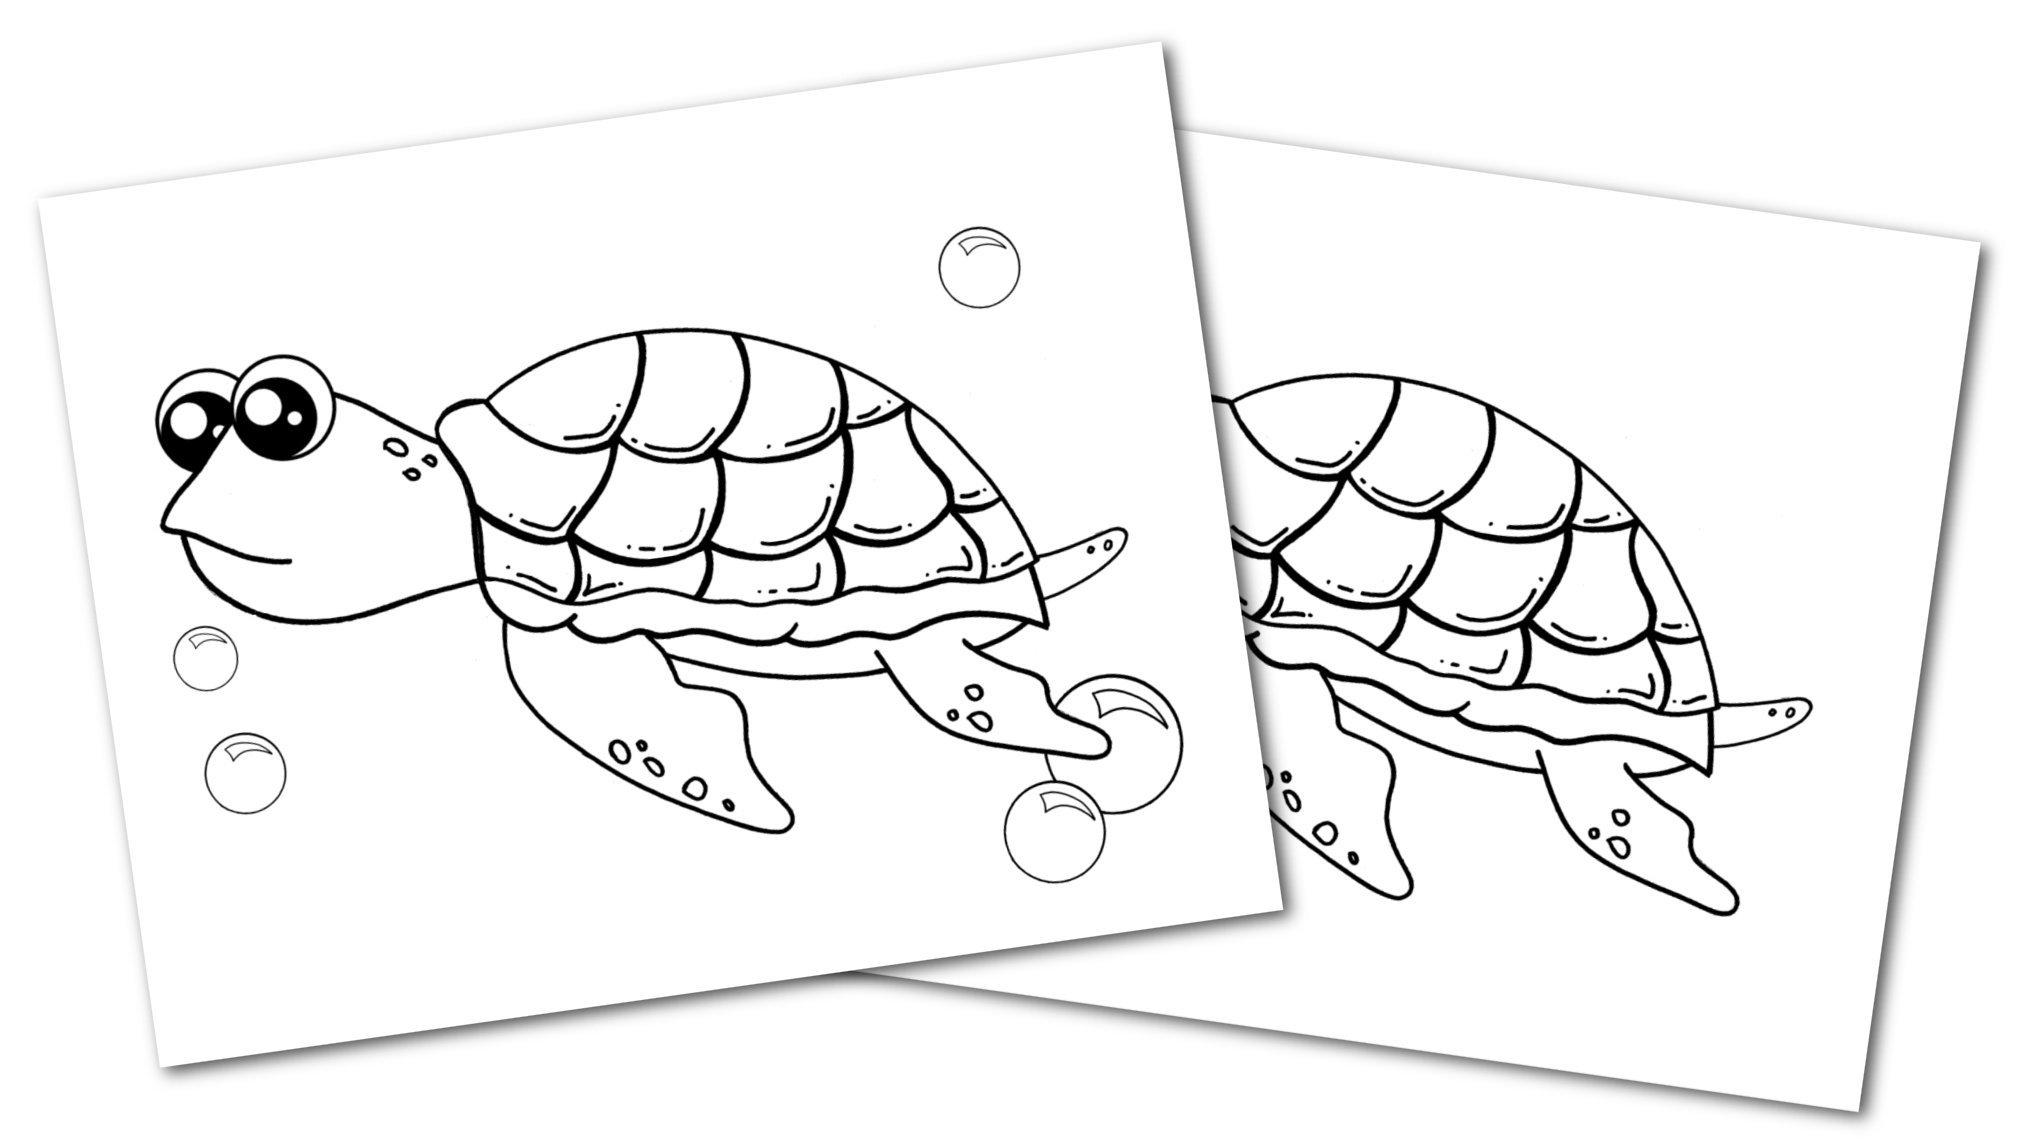 Free Printable Turtle Ocean Animal Convertkit for Toddlers, Kids and Preschoolers